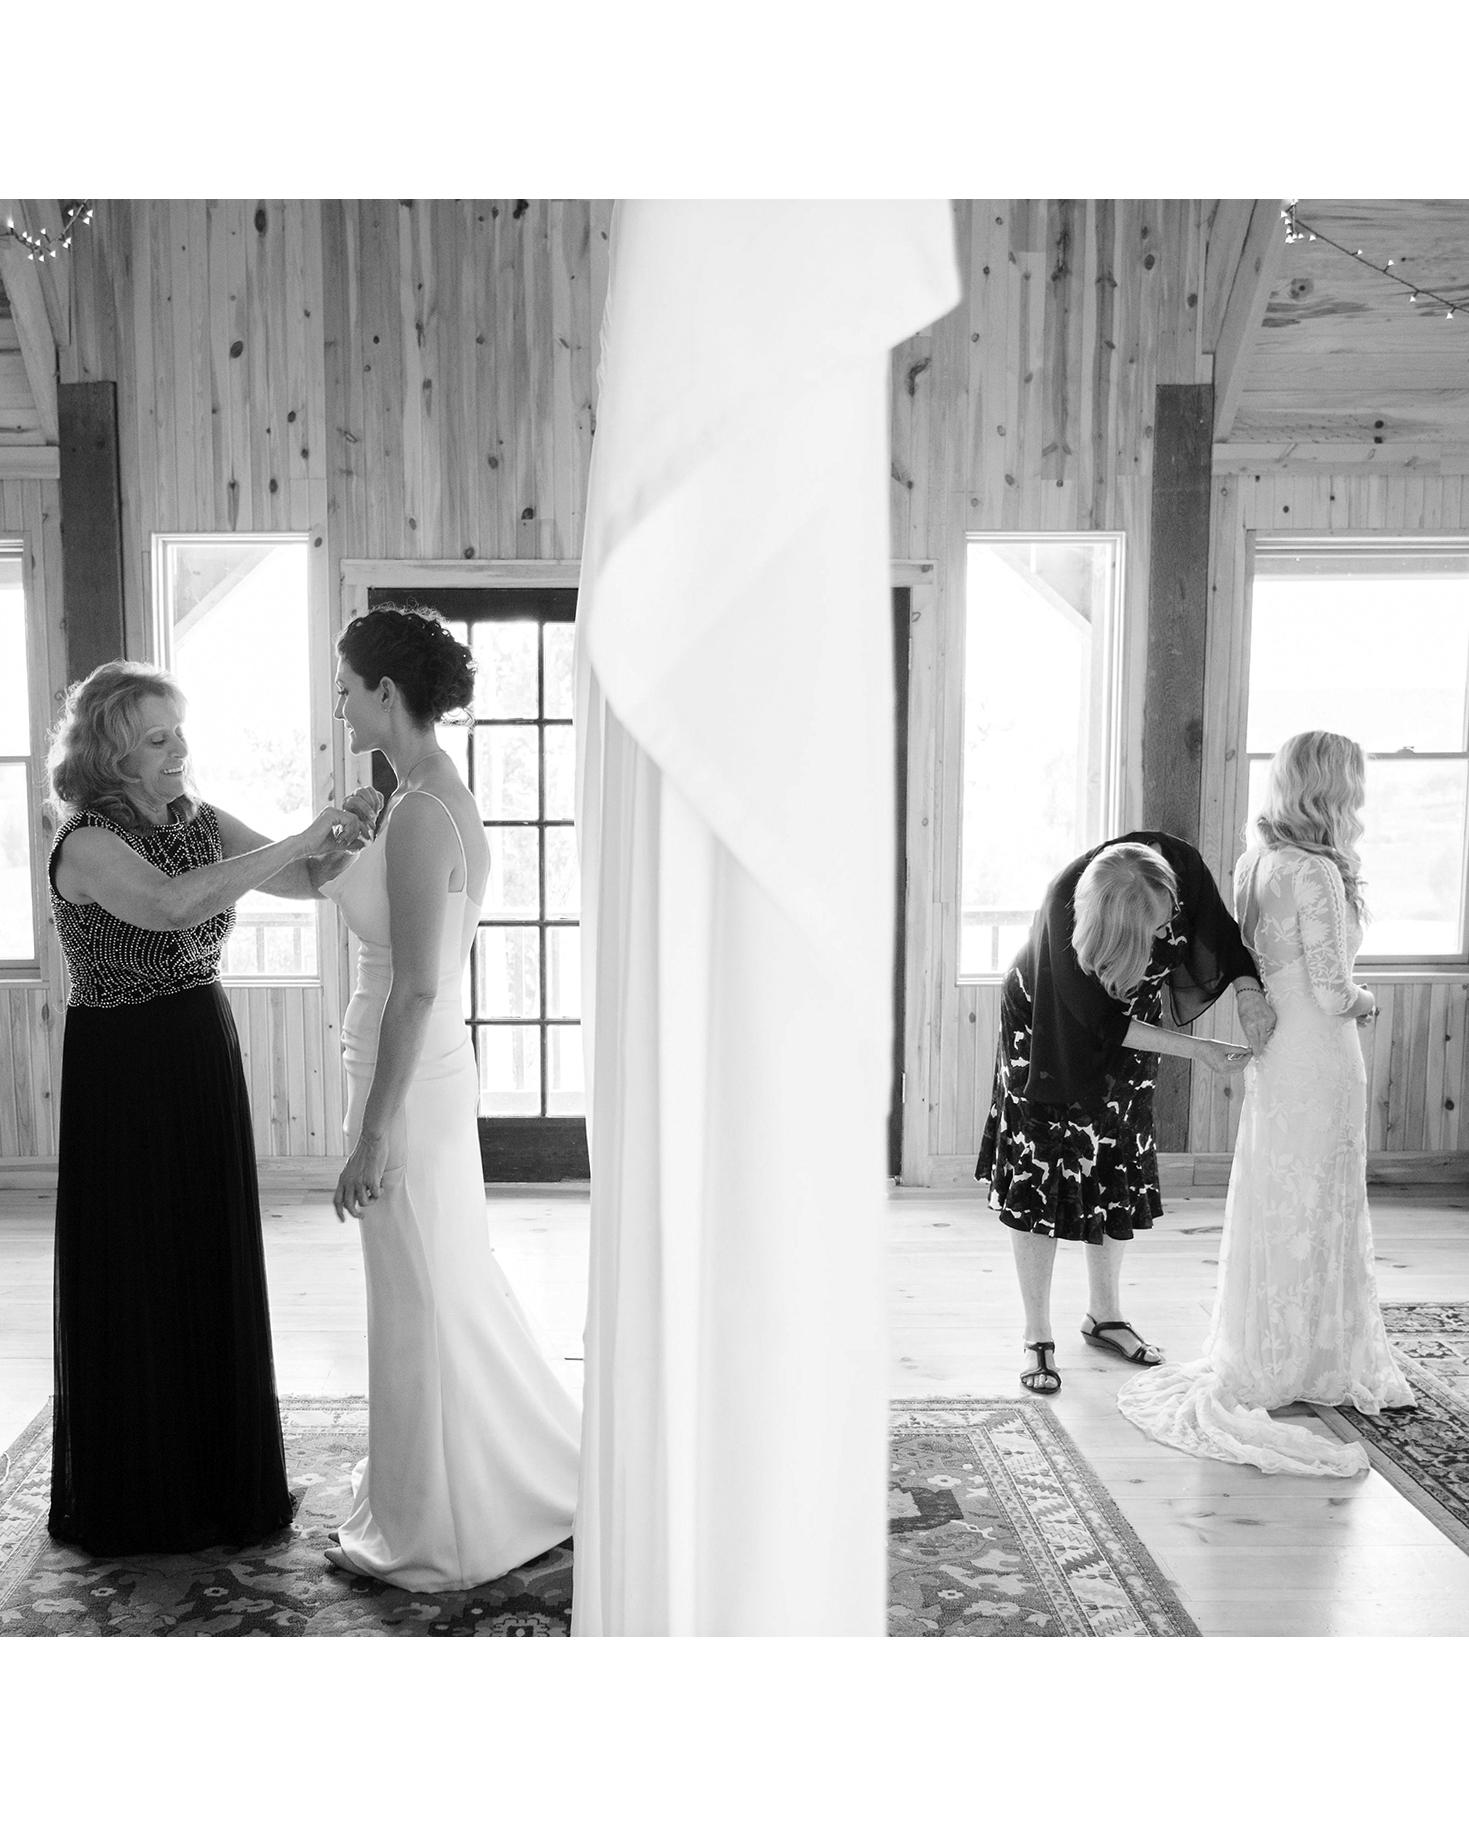 allison aimee wedding brides getting ready